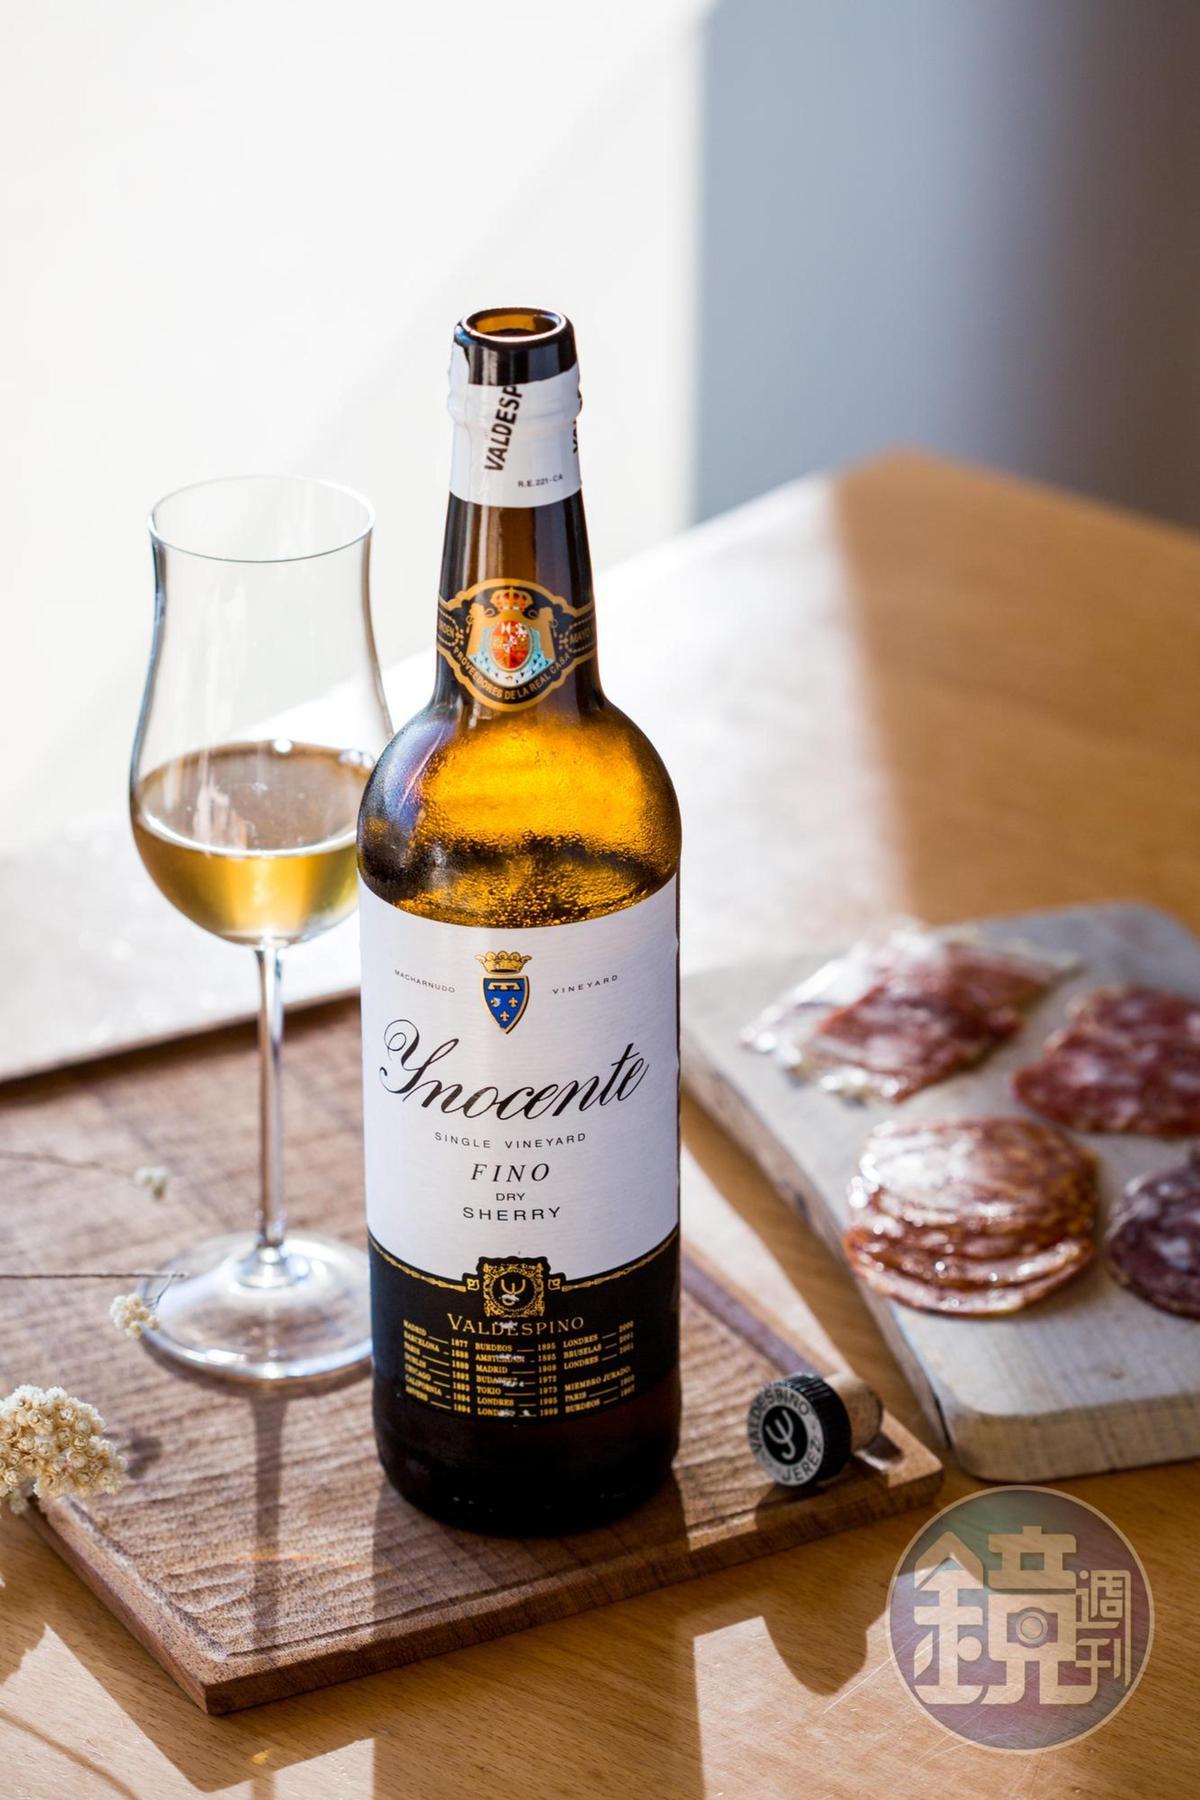 金黃色的「Valdespino, Sherry, Fino, Inocente, NV」,有杏仁和麵包香氣,酒體飽滿,有海水風味。(新生活葡萄酒,1,100元/瓶)